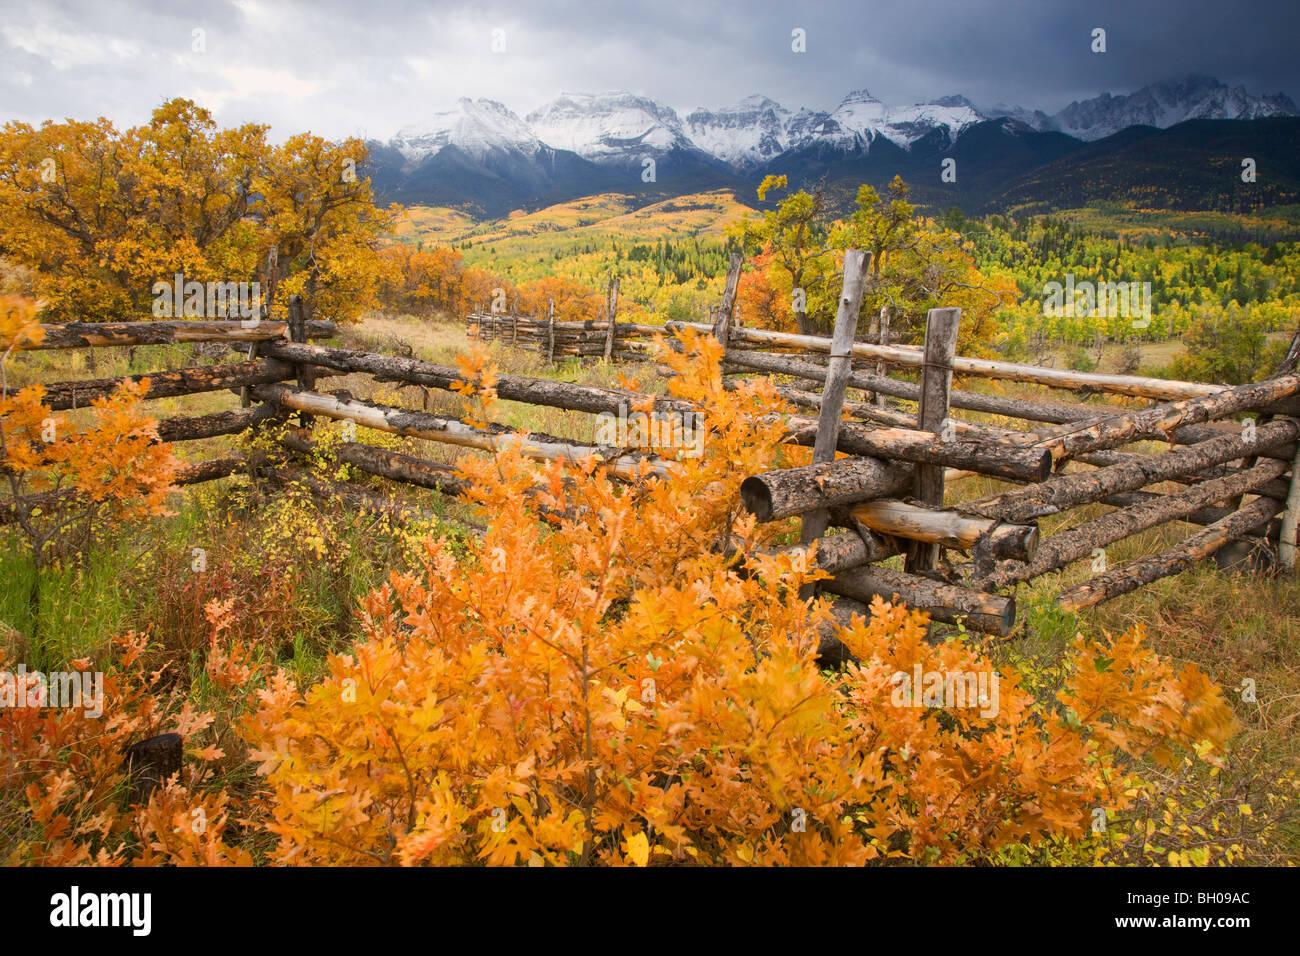 Couleurs d'automne et le Sneffels Range, montagnes de San Juan, au Colorado. Photo Stock